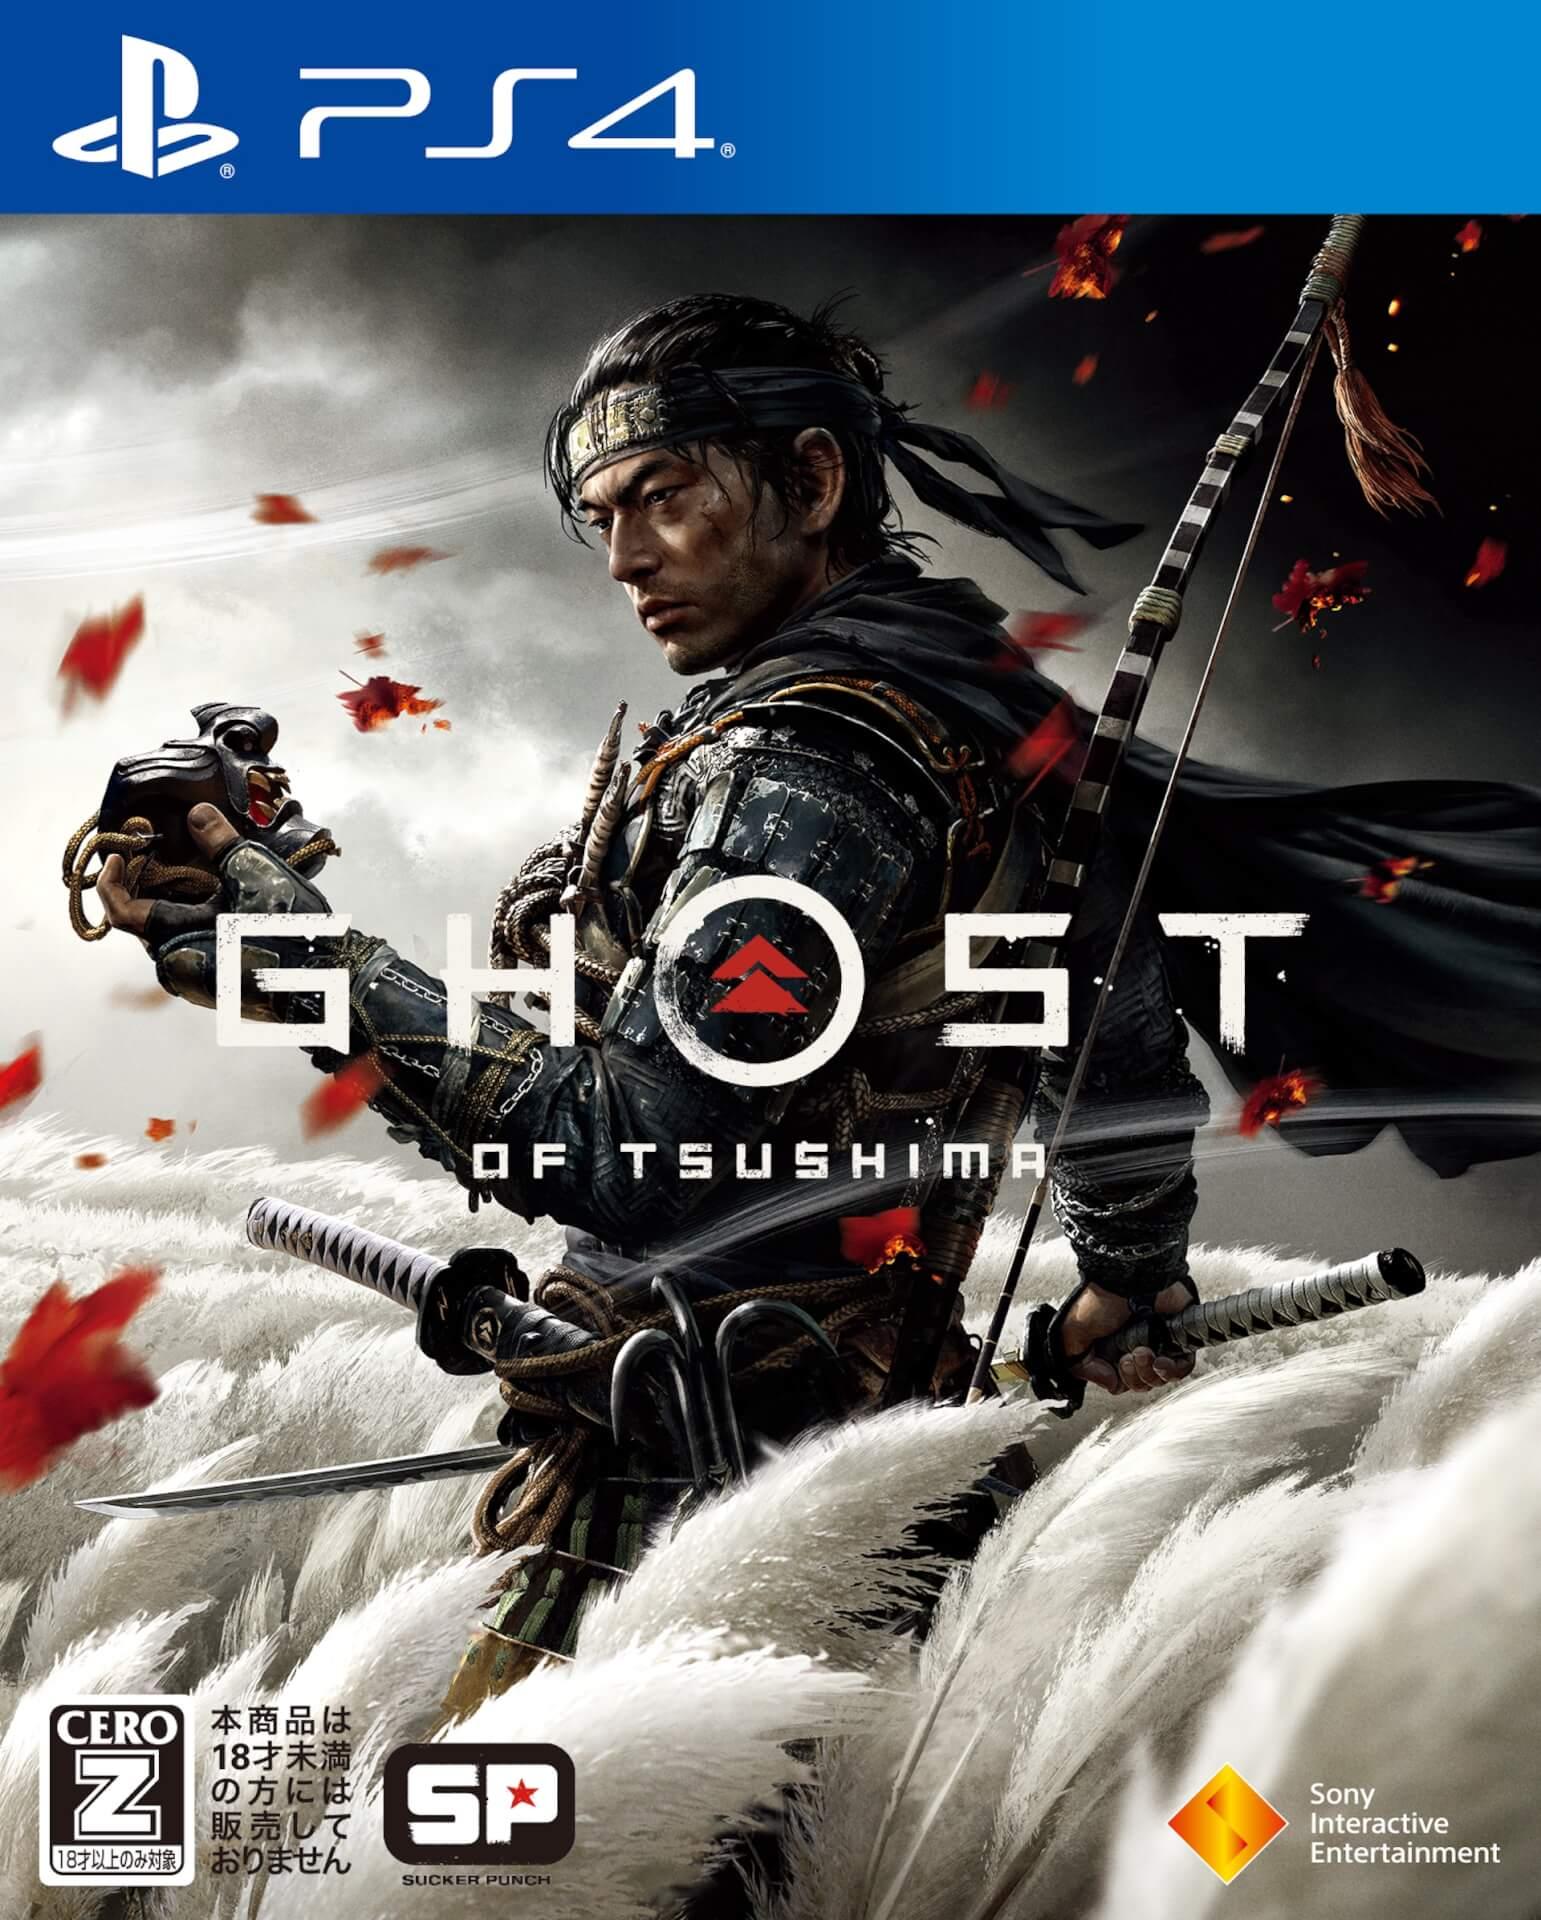 新感覚のオープンワールド時代劇を体感せよ!PS4専用ソフト『Ghost of Tsushima』がついに本日発売 tech200717_ghostoftsushima_24